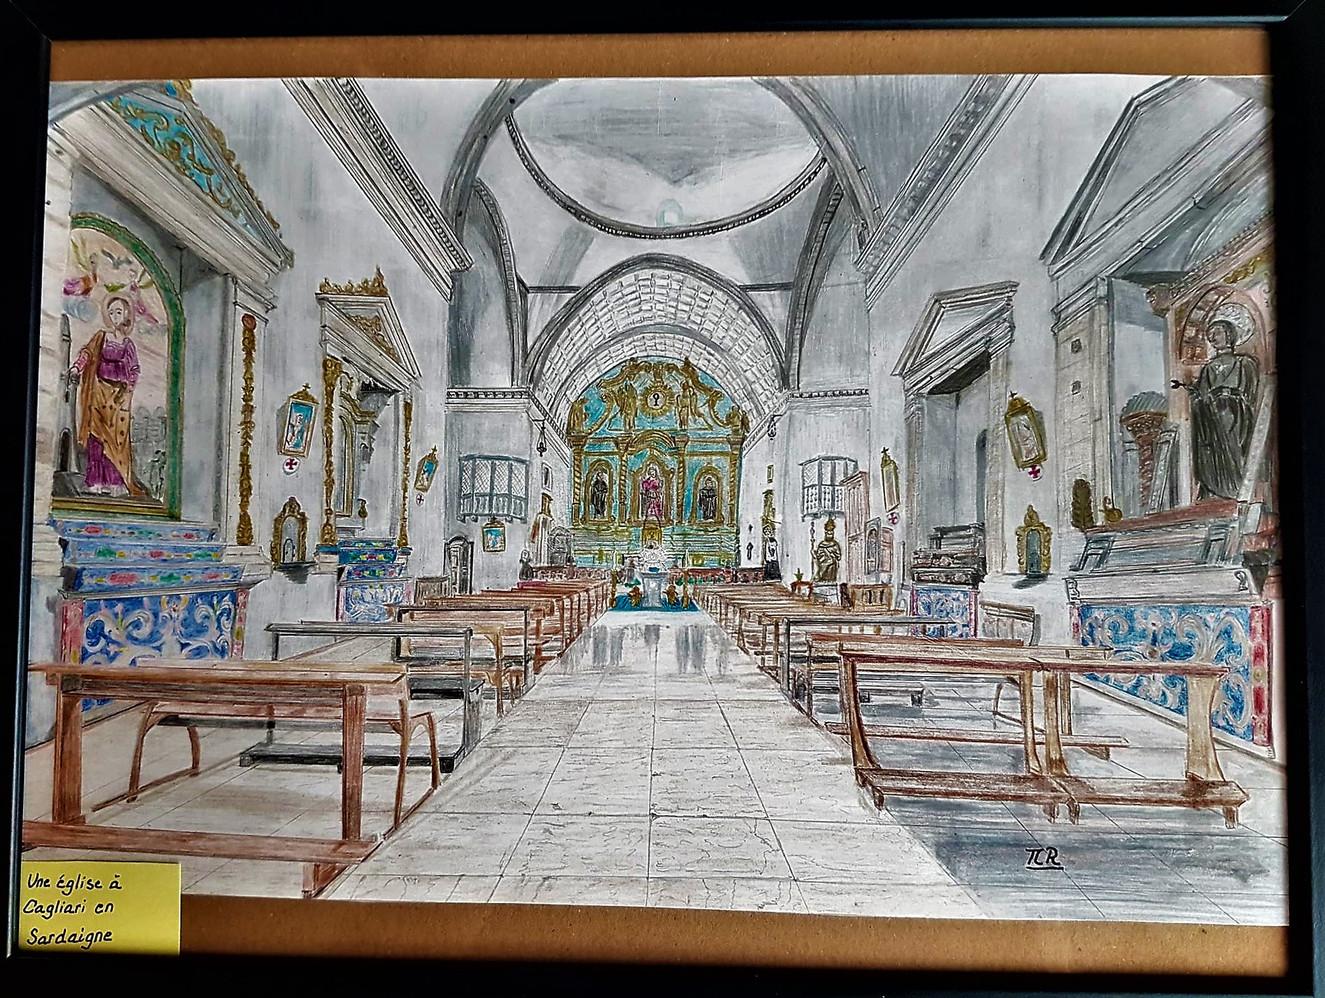 Eglise de Cagliari